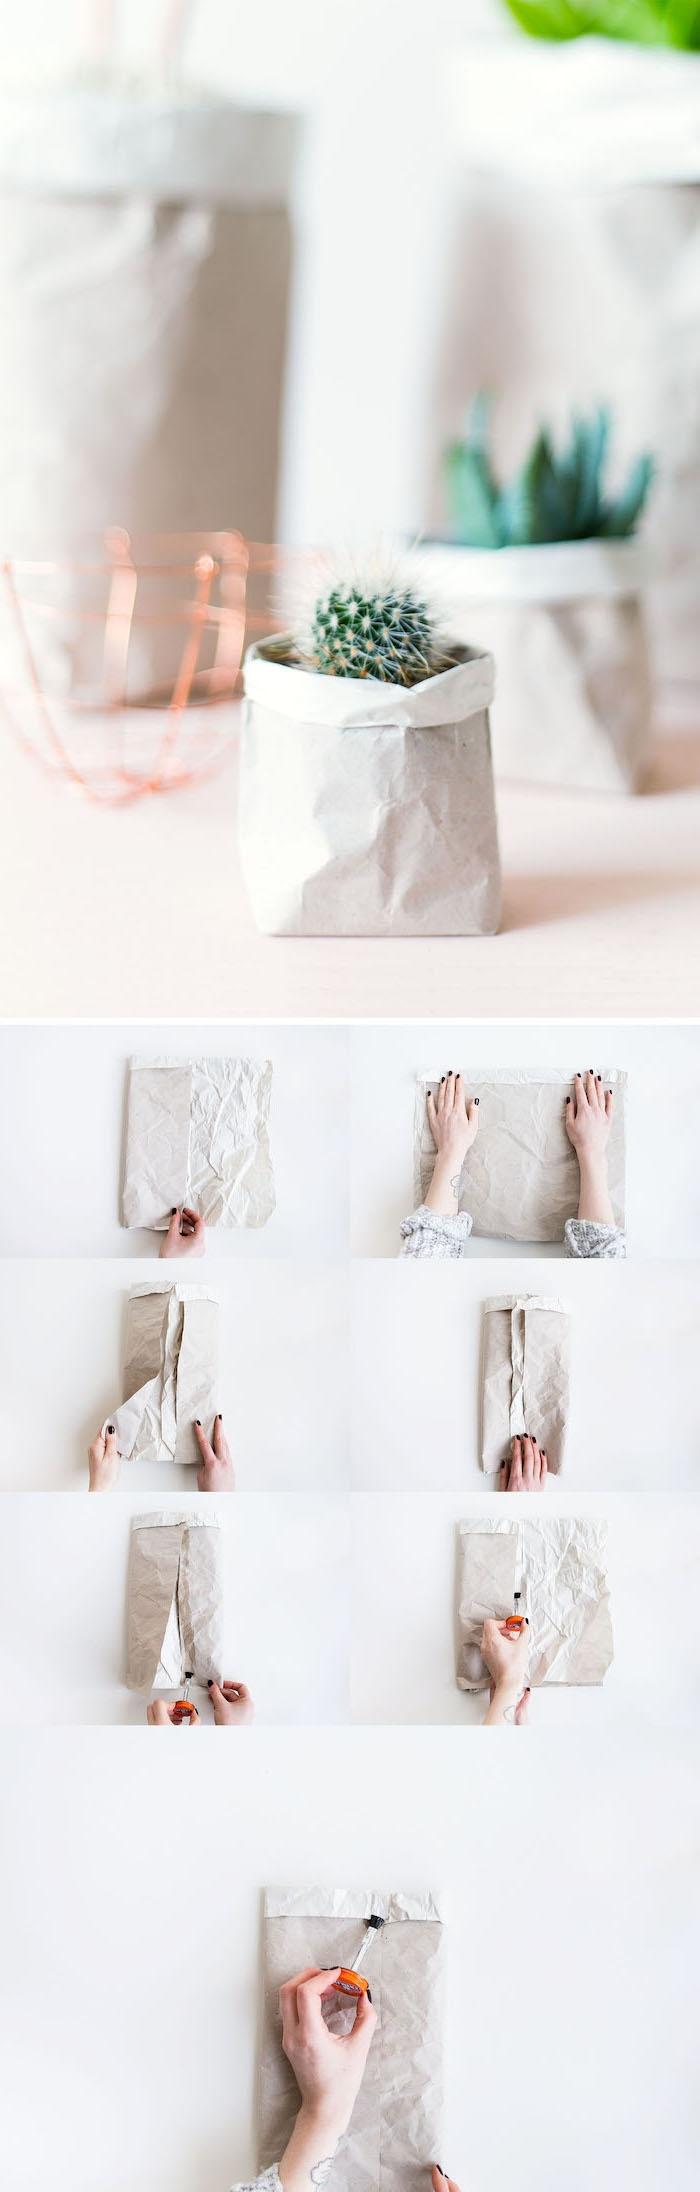 eine schritt für schritt diy bauanleitung, papiertüten falten, kleine weiße blumentöpfe aus alten weißen papiertüten und mit kleinen grünen pflanzen, recycling ideen diy